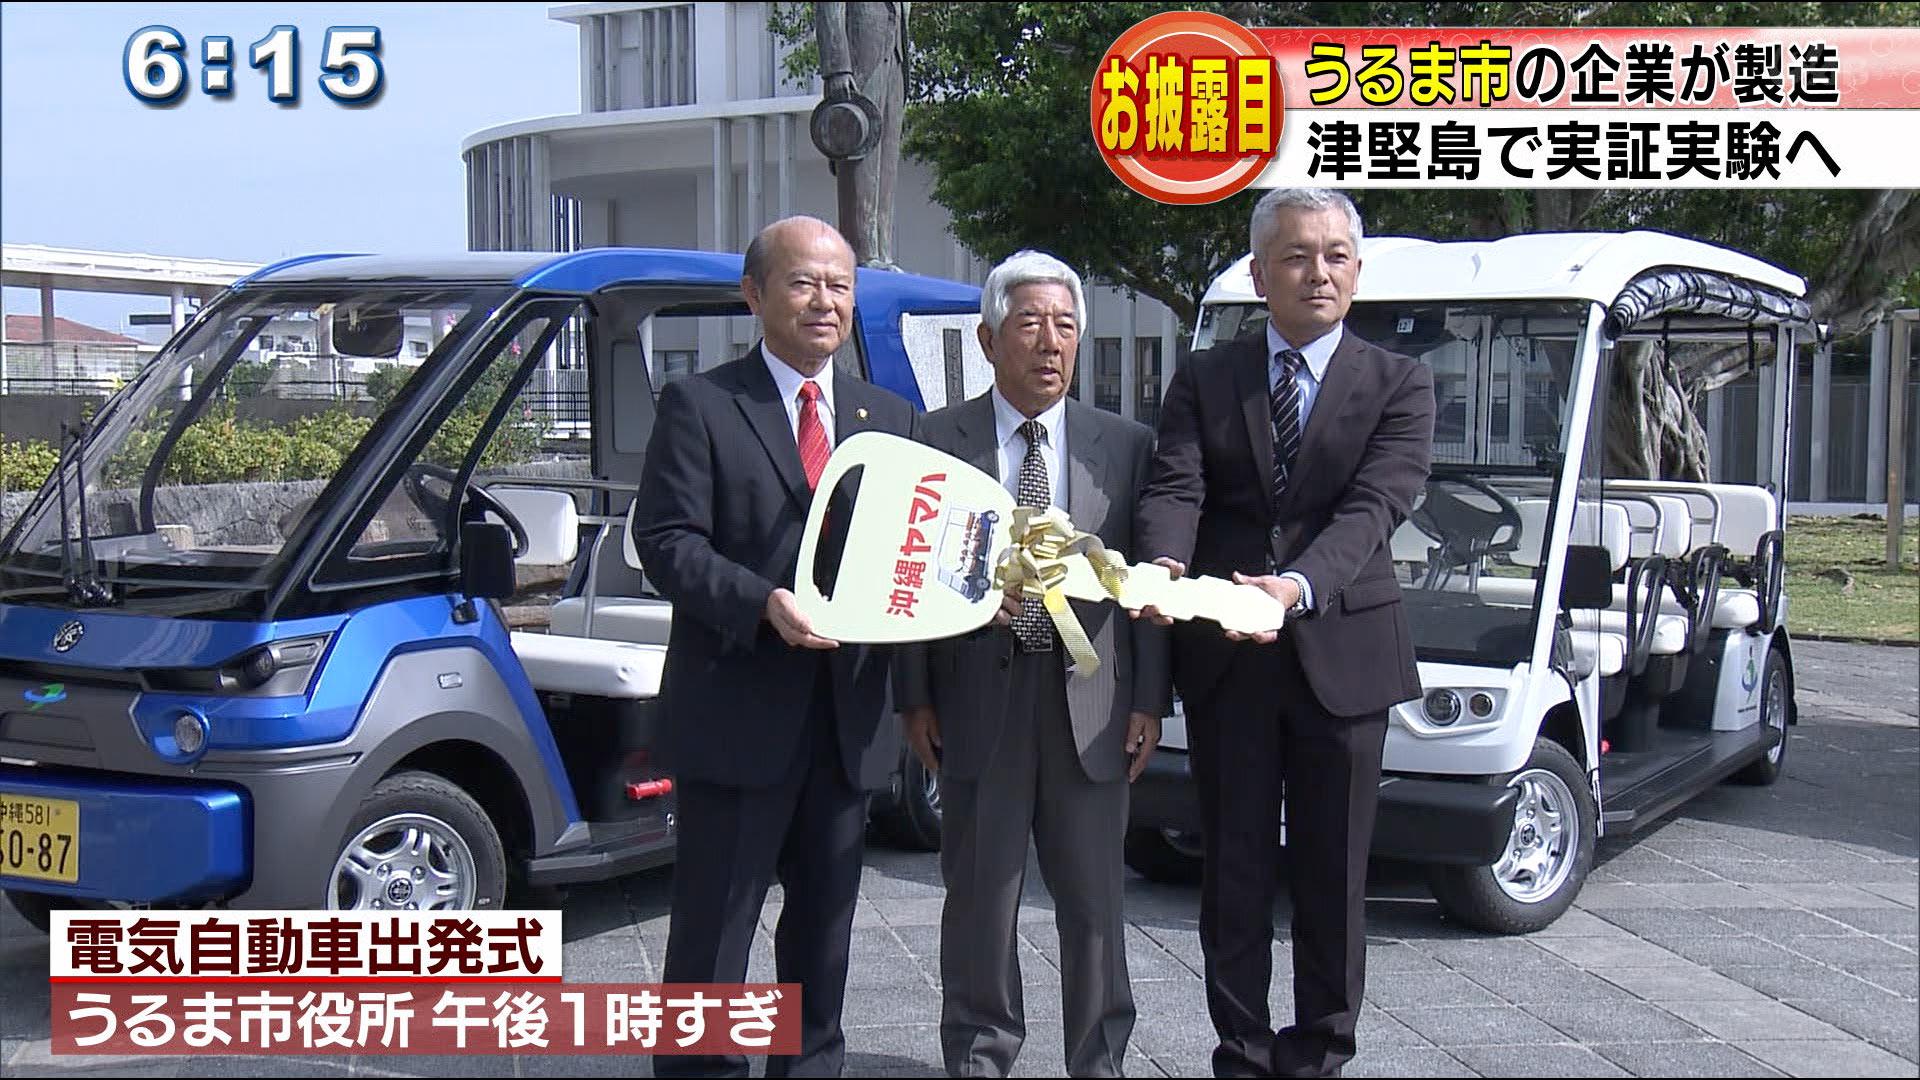 うるま市が電気自動車を開発